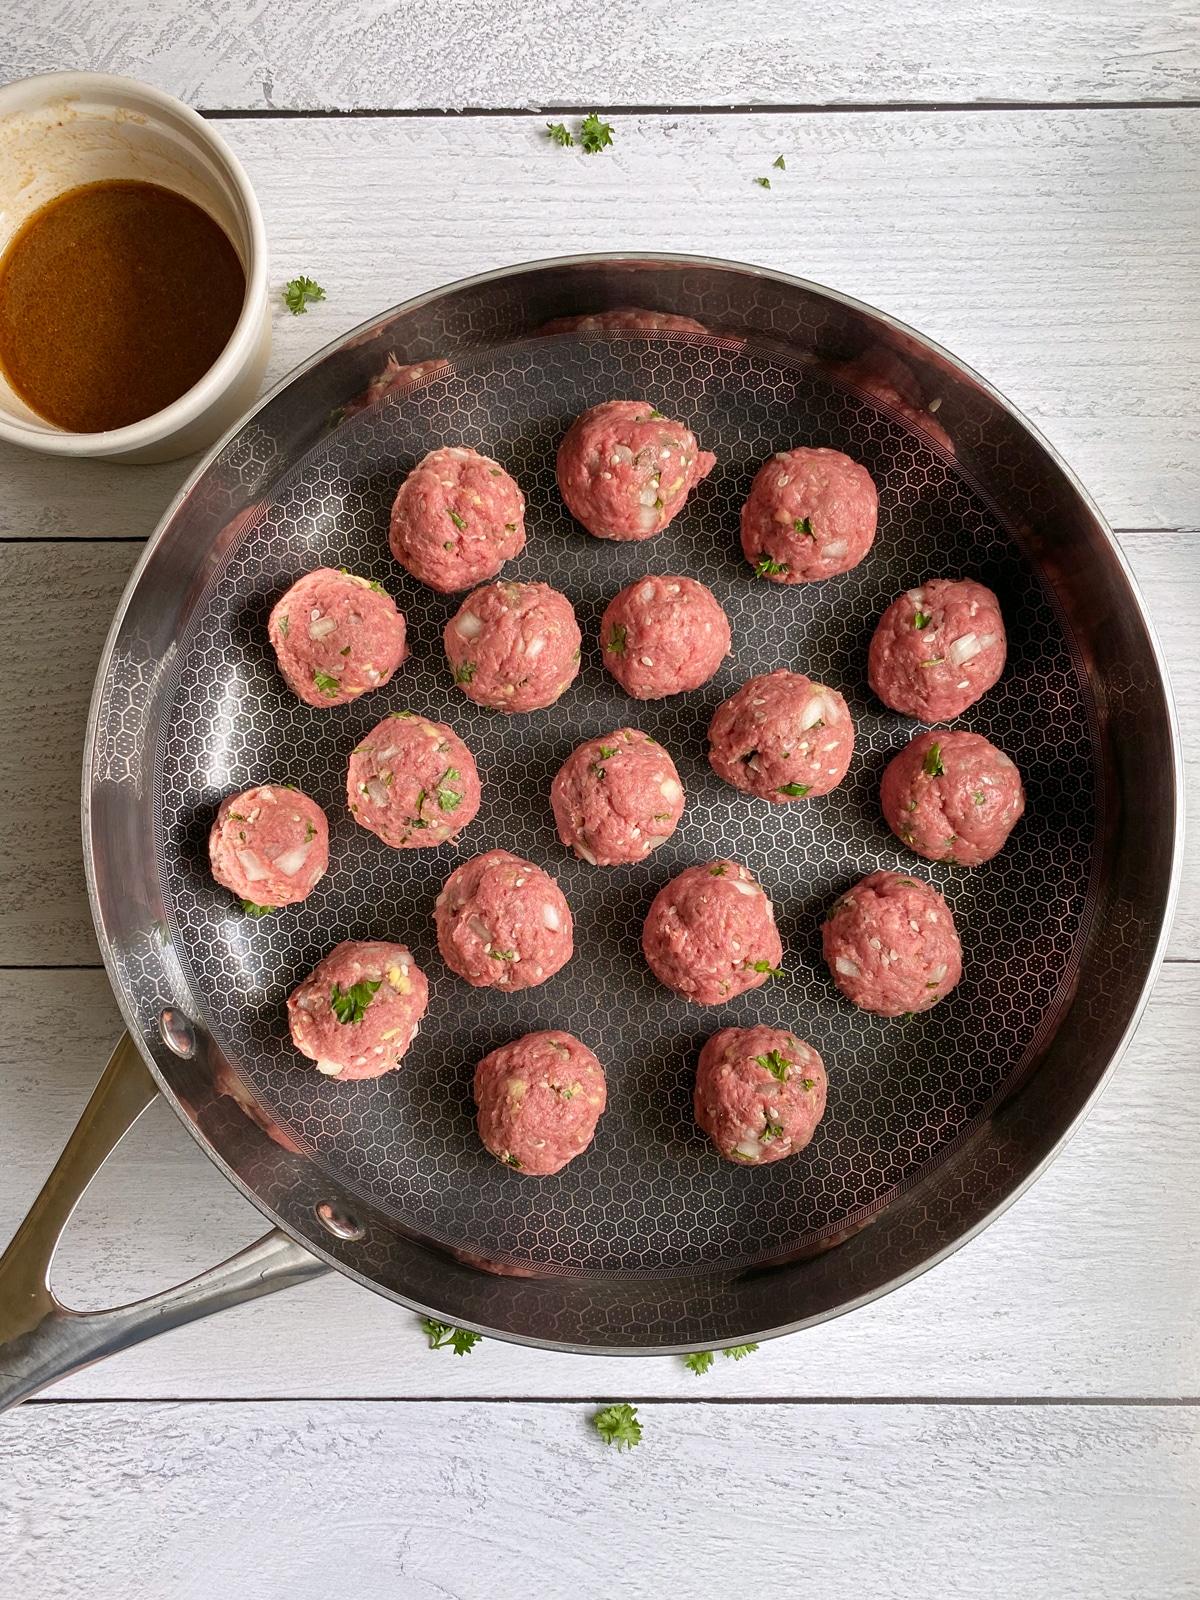 uncooked-meatballs-on-frying-pan